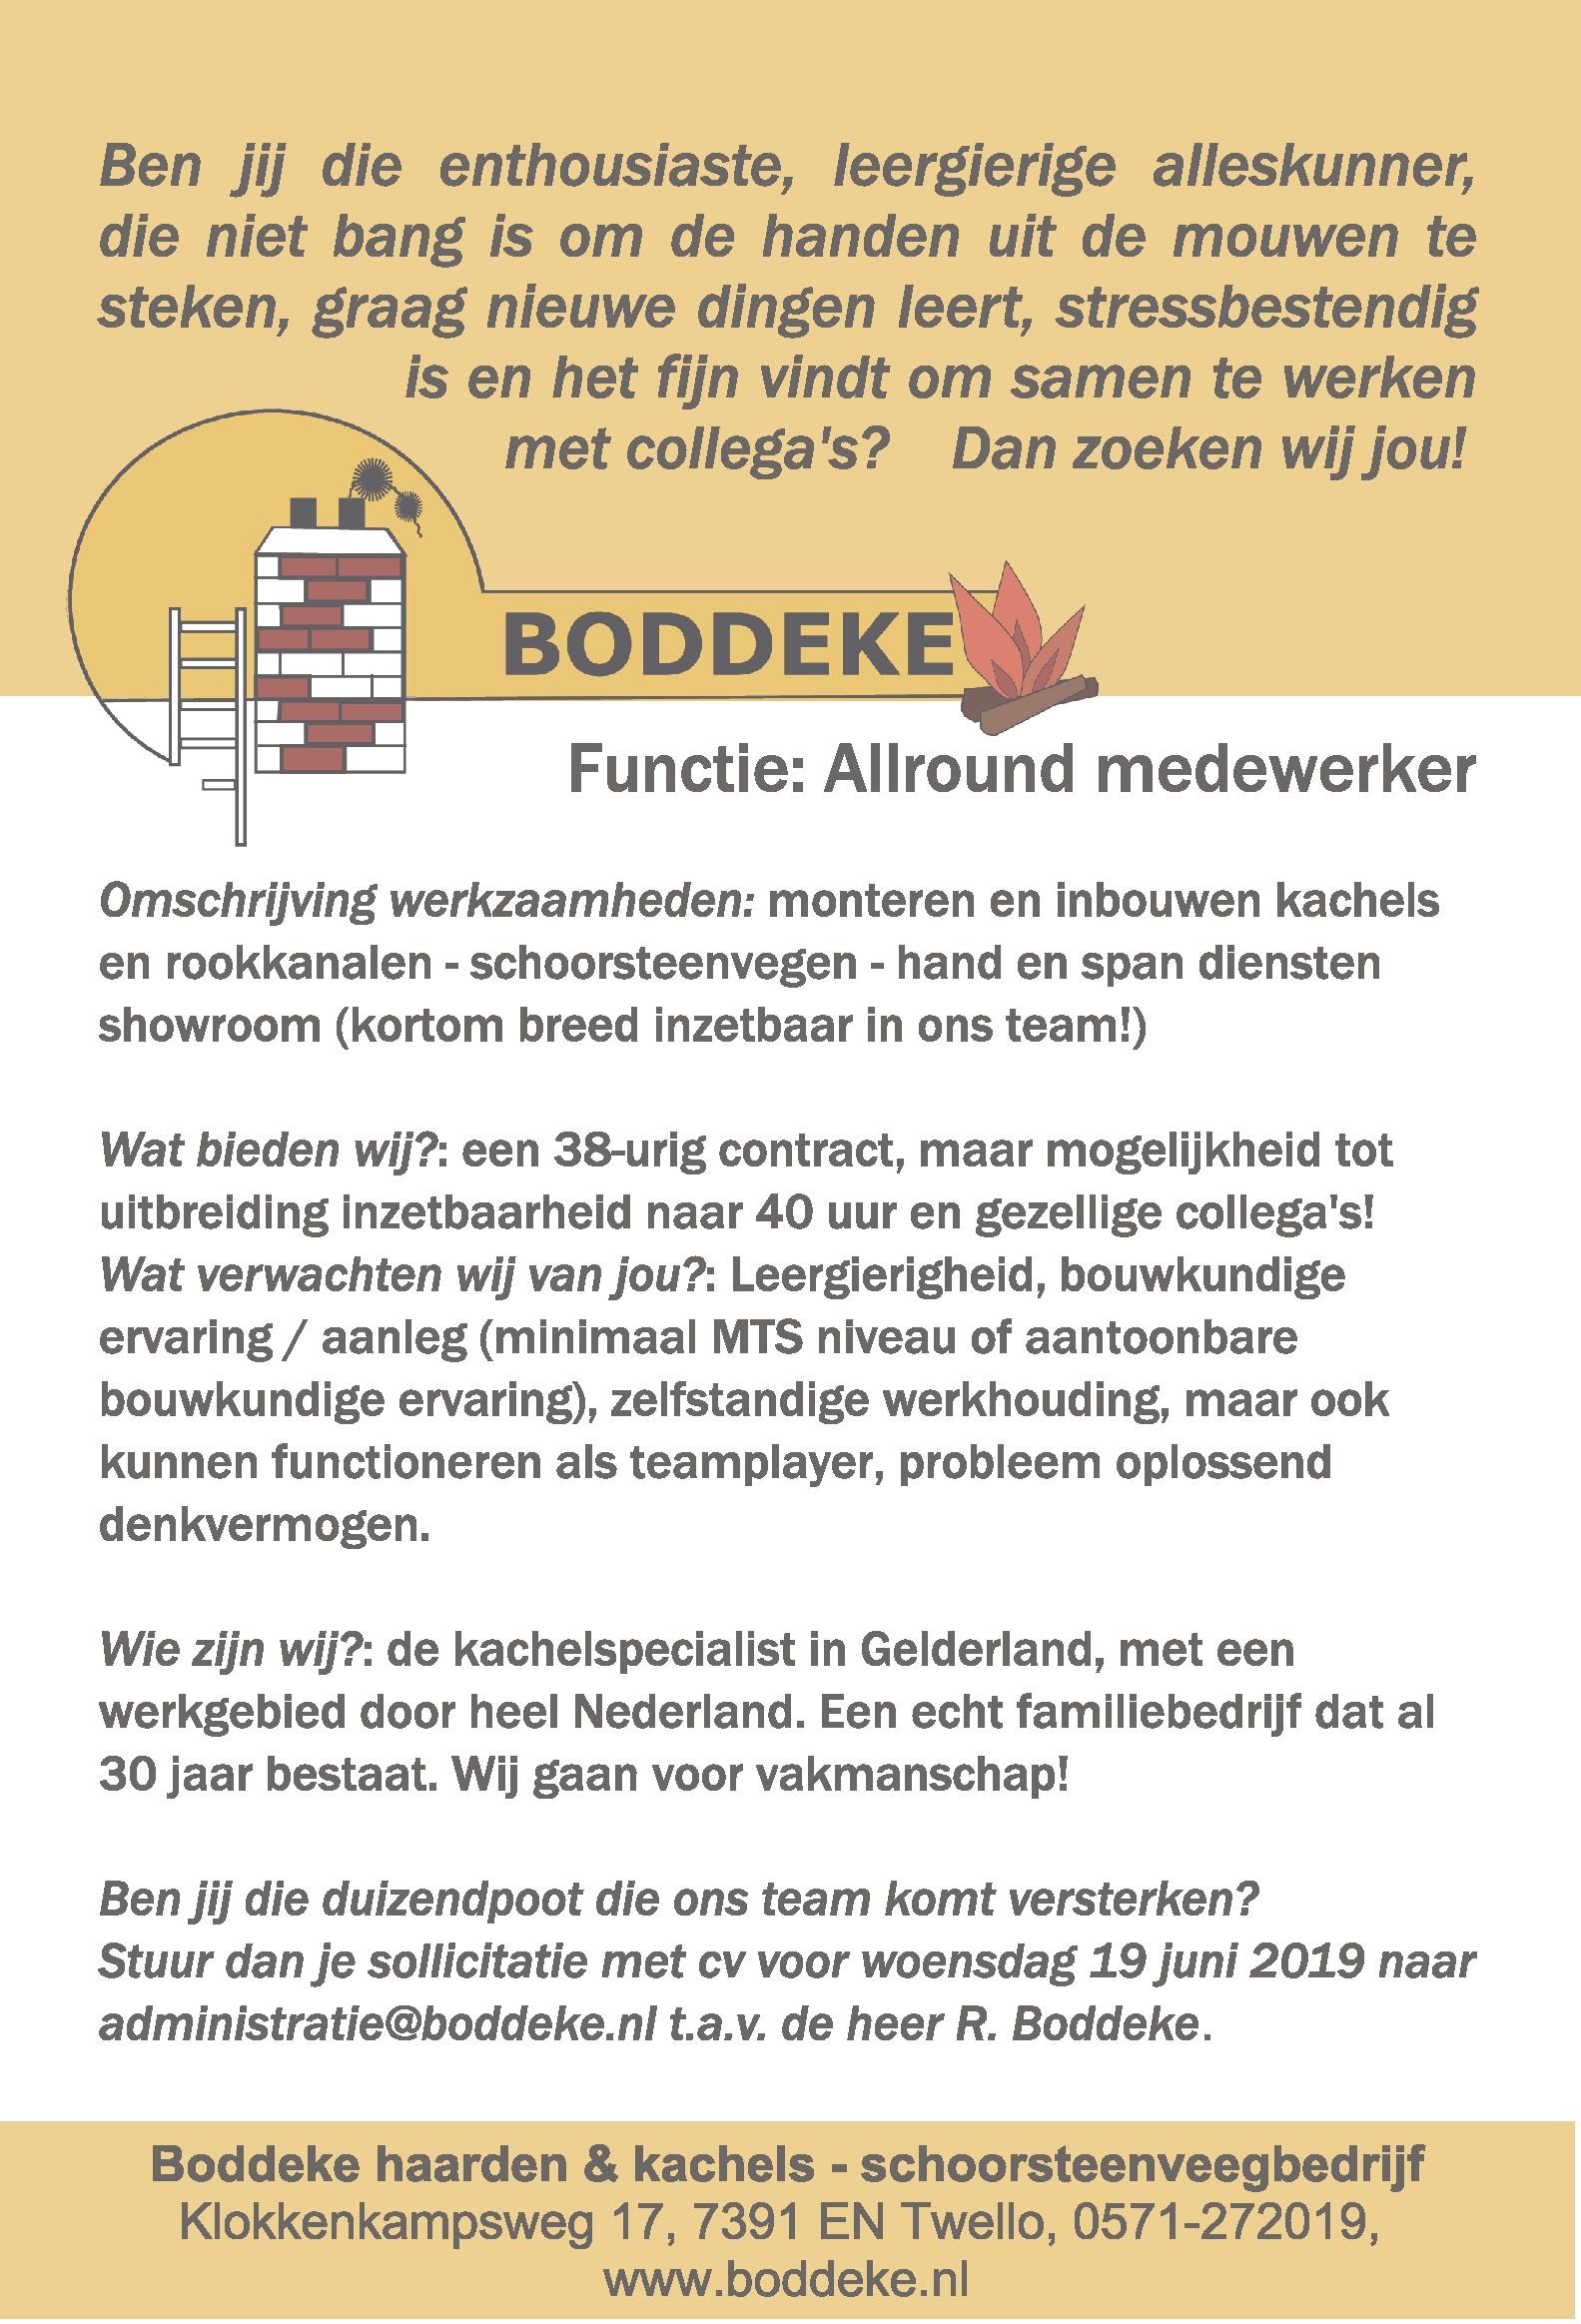 Boddeke zoekt een Allround medewerker